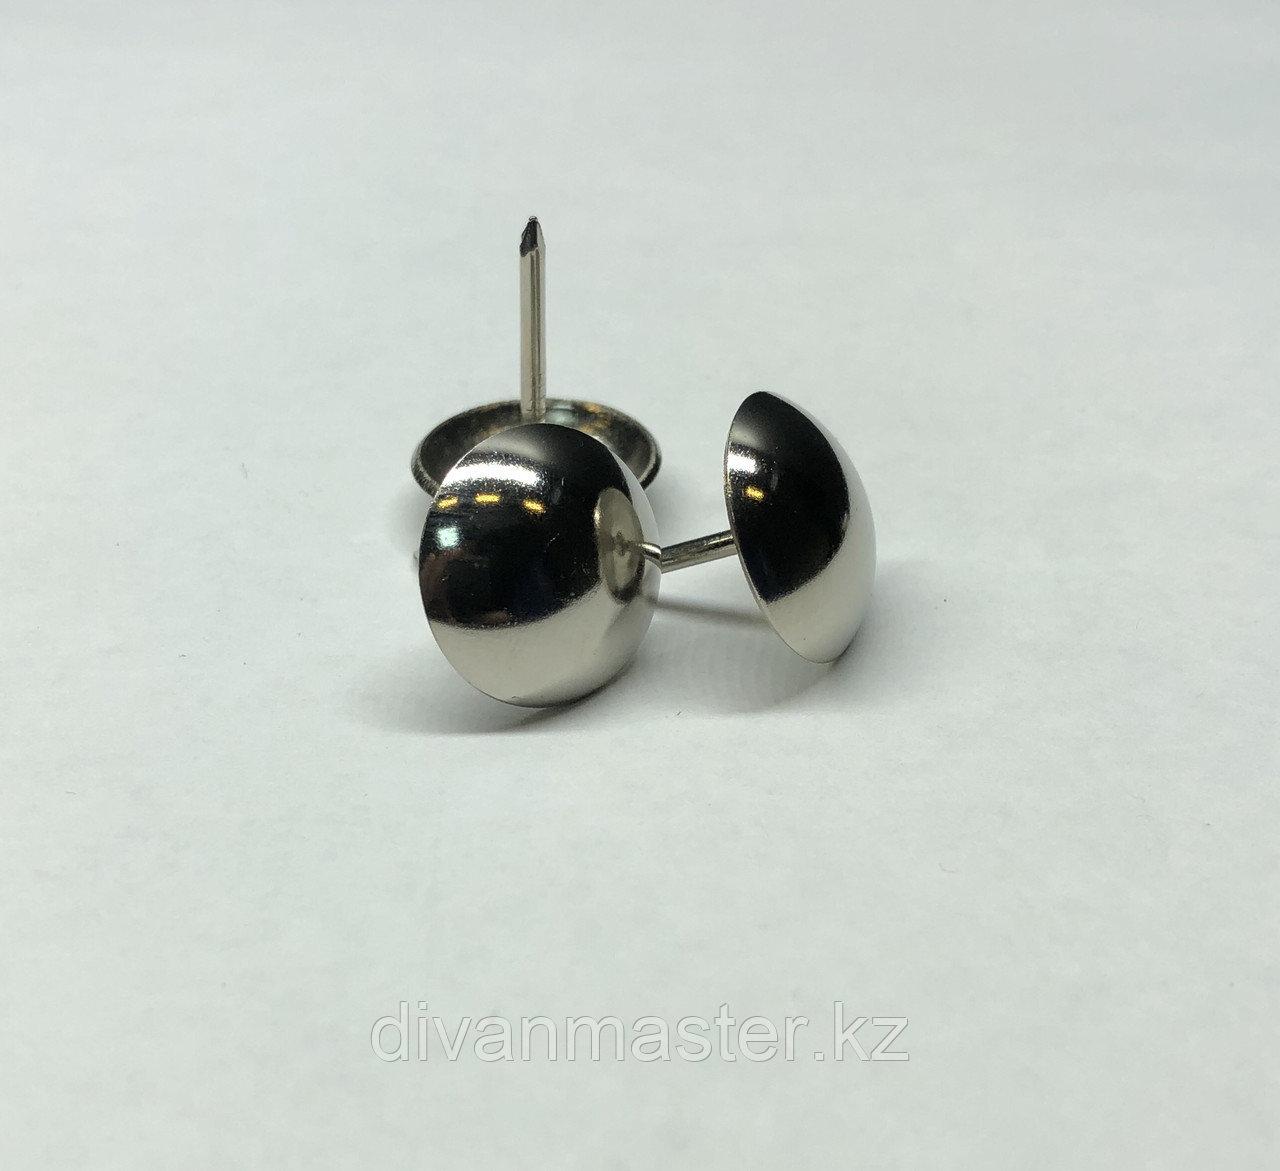 Гвозди декоративные 19 мм, никель - 200 штук.Китай